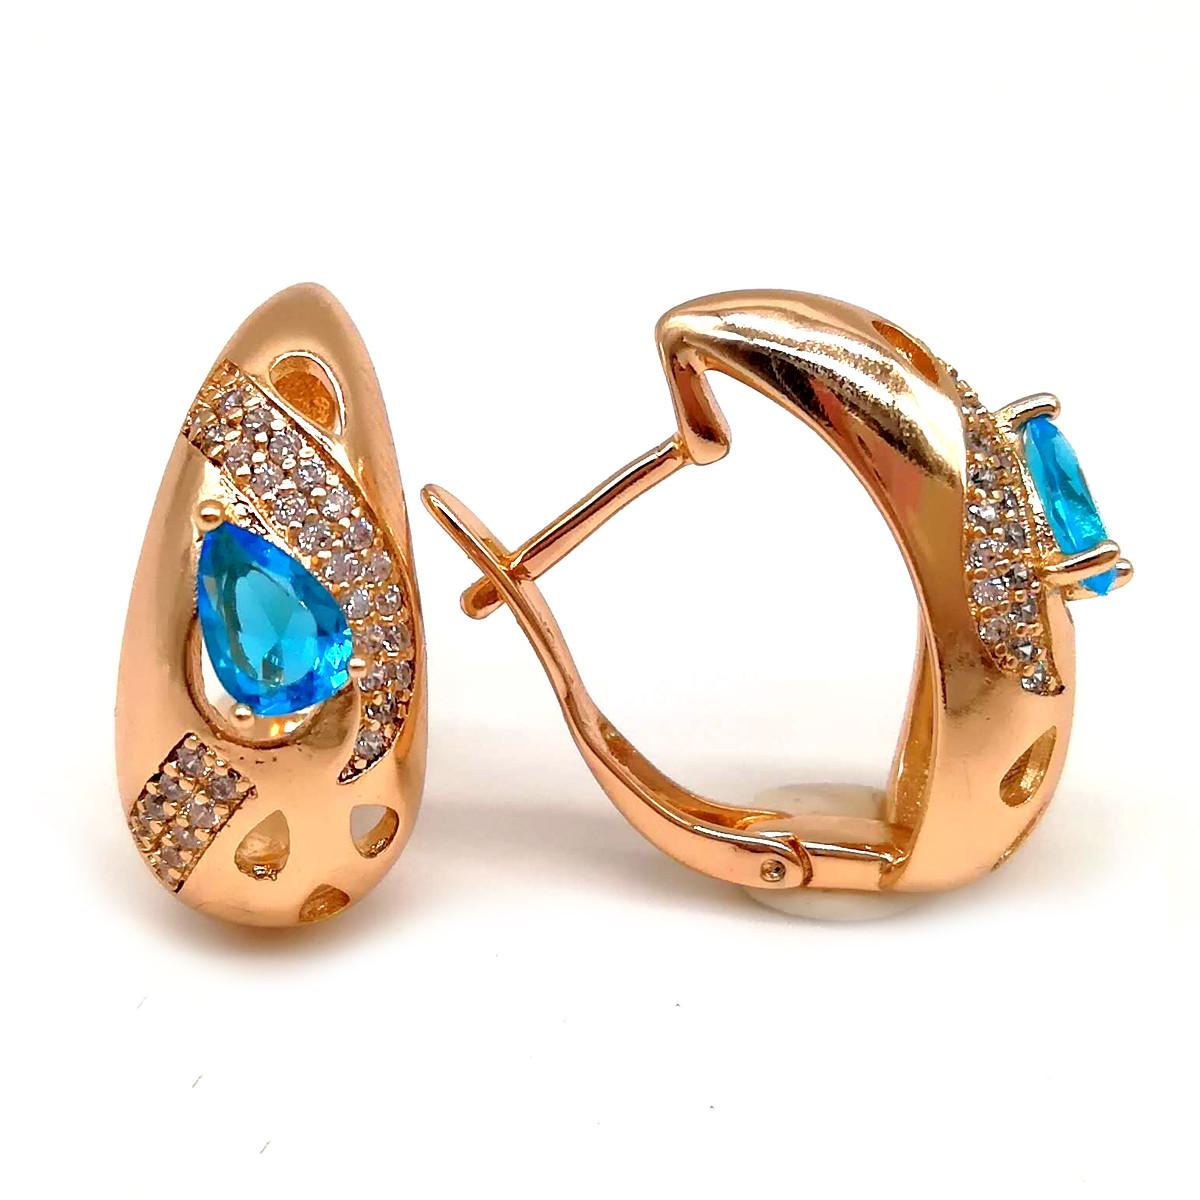 Серьги Xuping из медицинского золота, голубые фианиты, позолота 18К, 23659       (1)